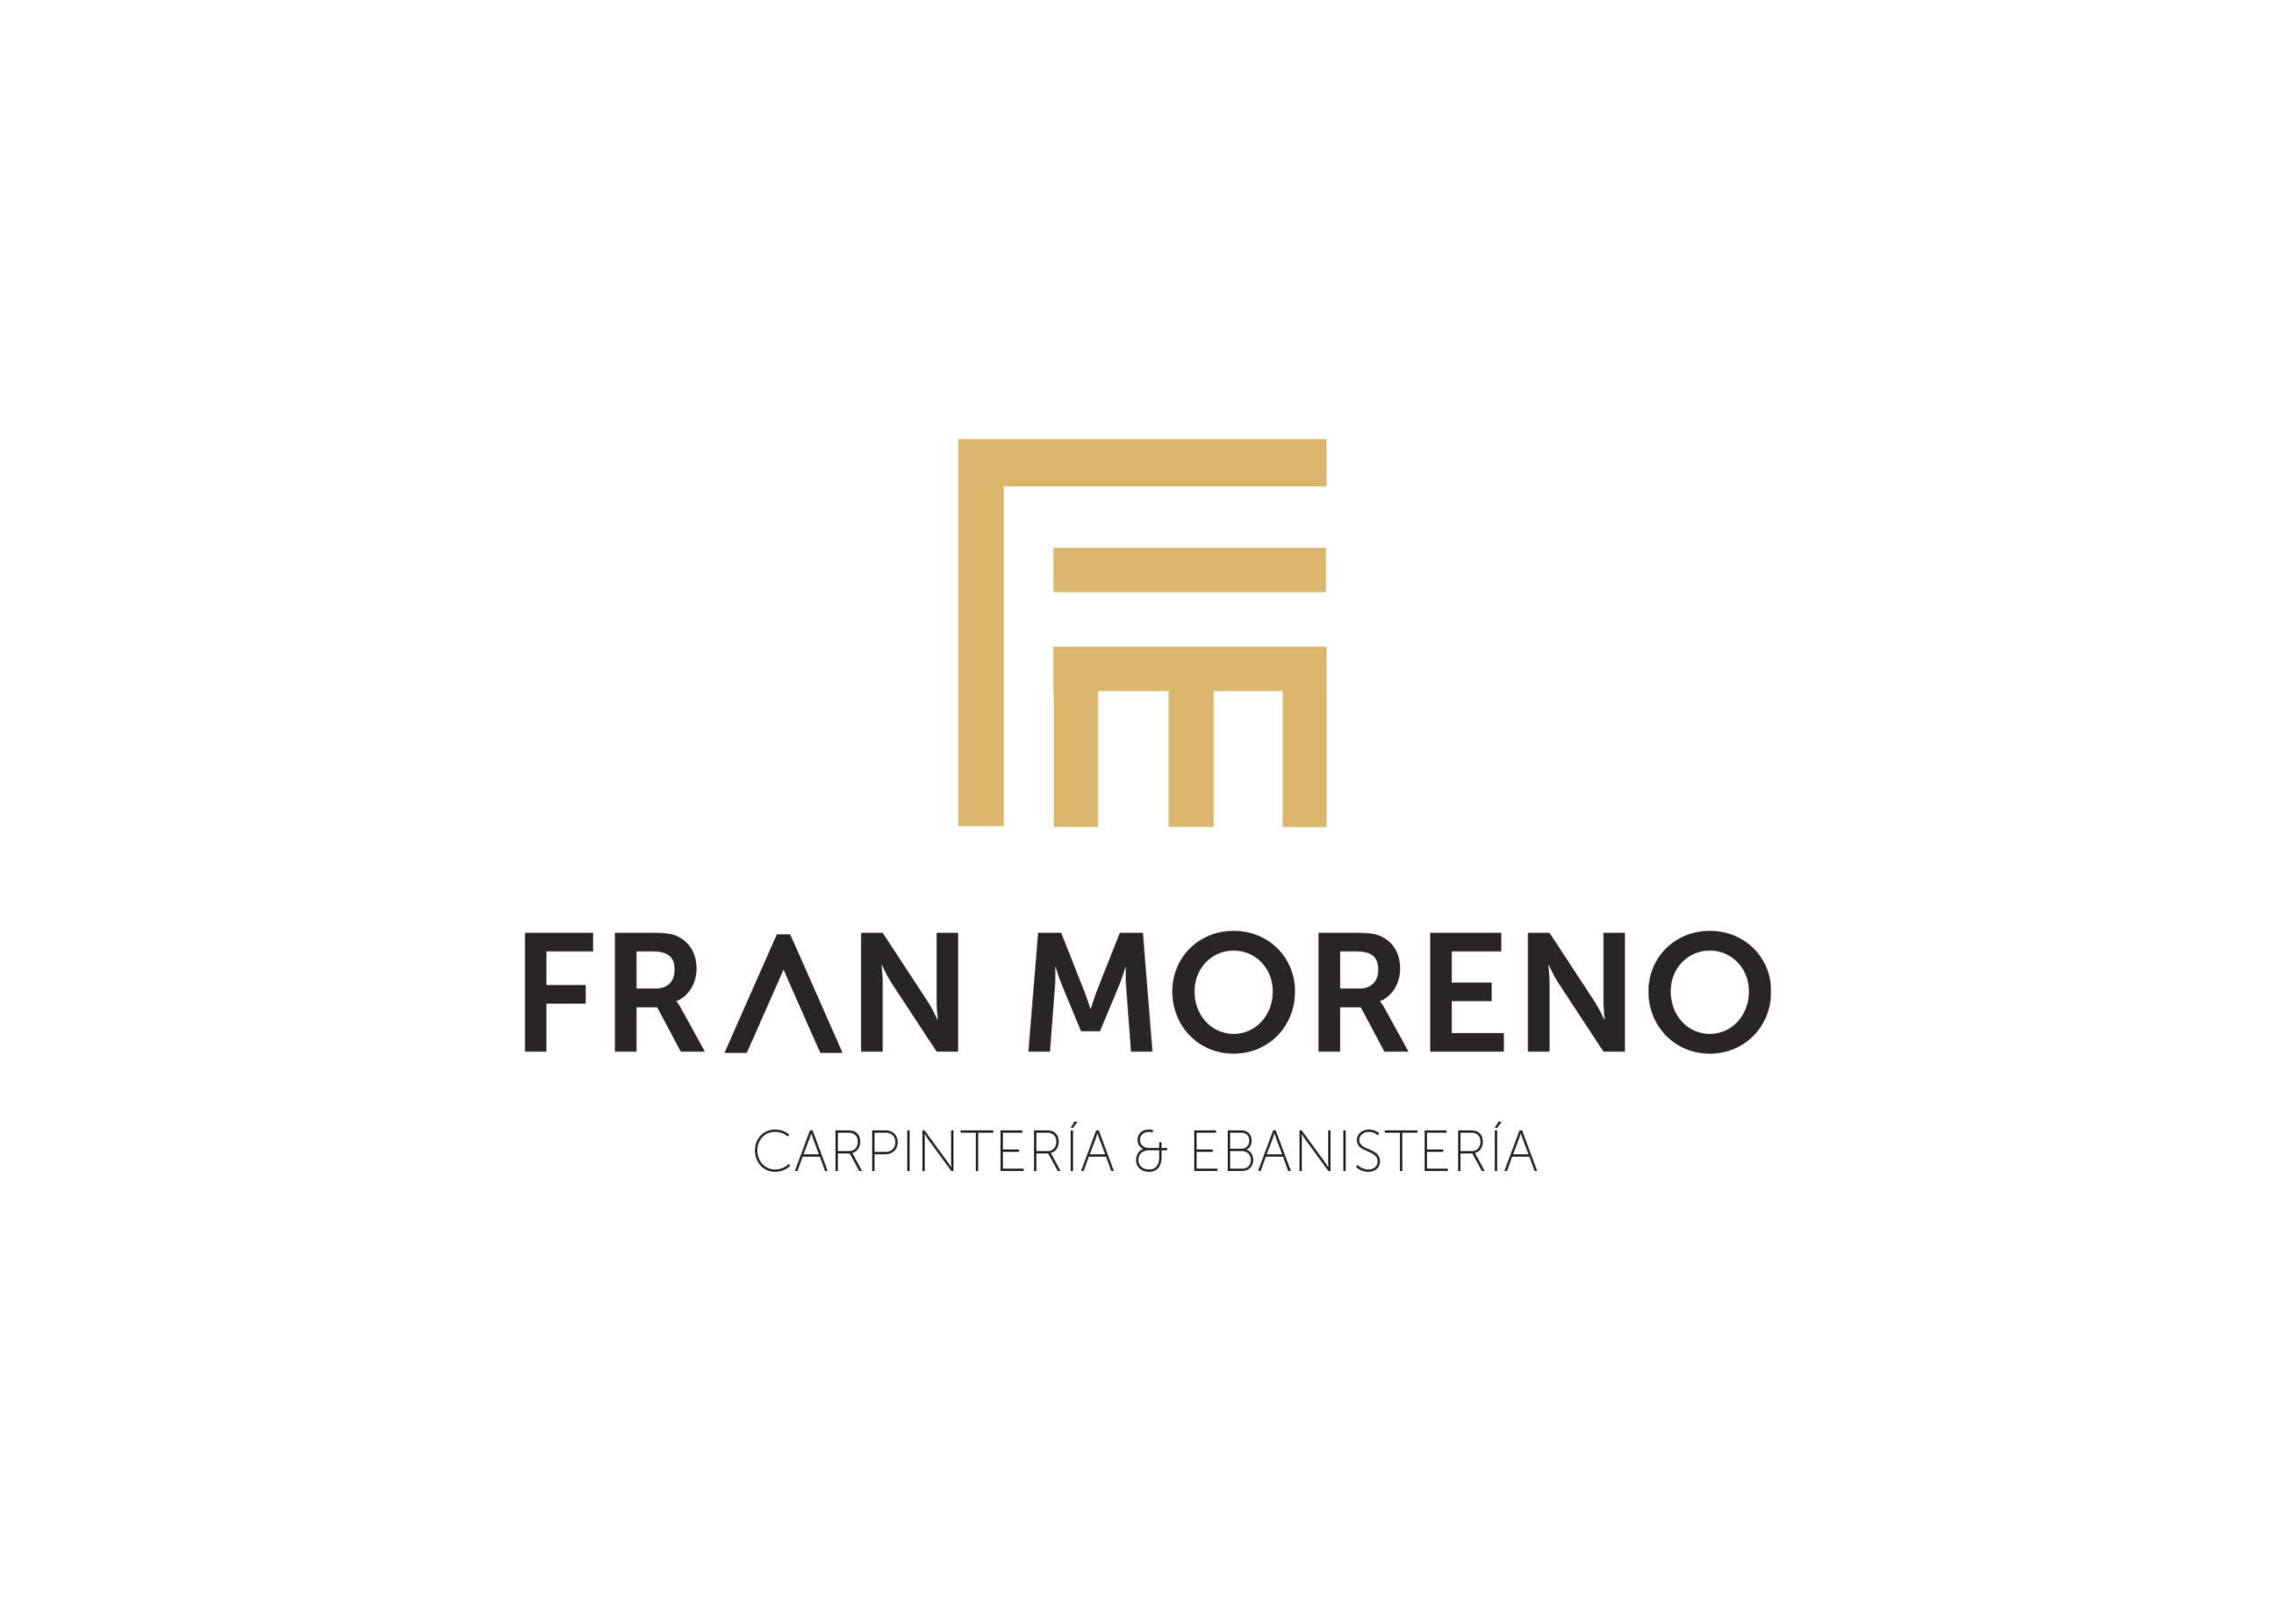 Identidad Visual 3 Logotipo para Fran Moreno